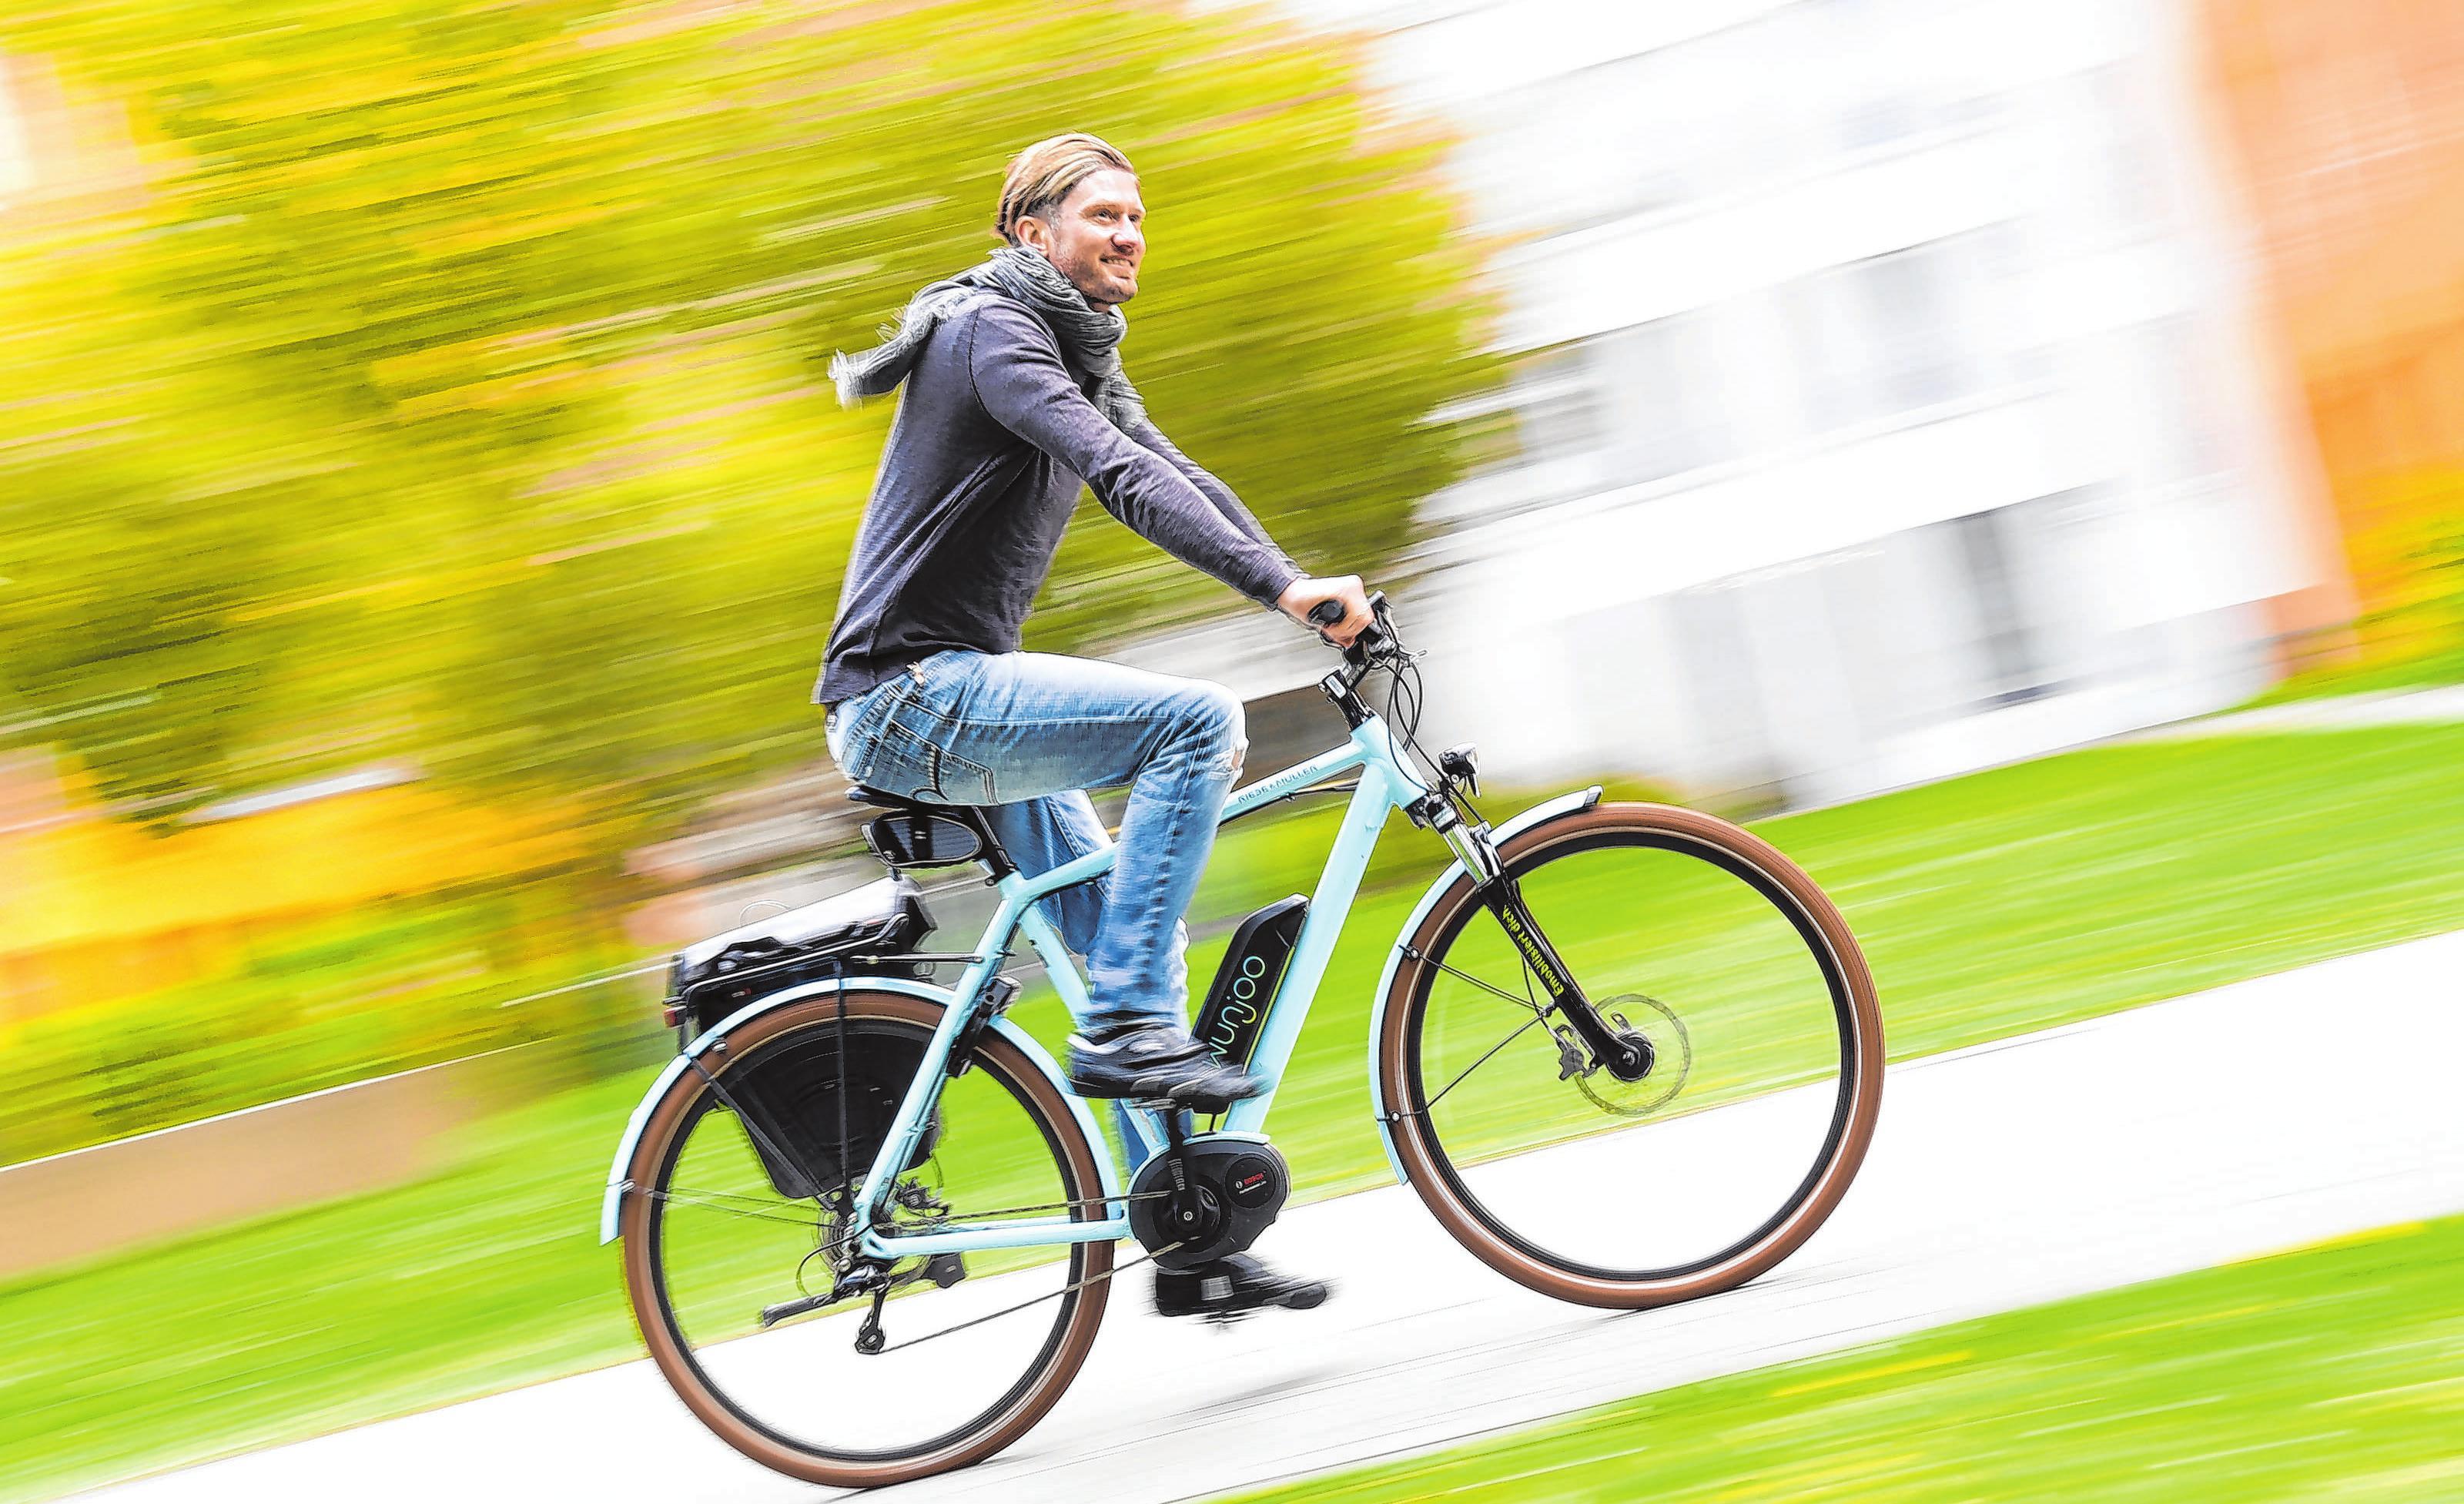 Ganz gemütlich: Wer nicht ins Schwitzen kommen möchte, nutzt auf dem Weg zur Arbeit die volle Motorunterstützung des Pedelecs. Foto: Tobias Hase/dpa-mag